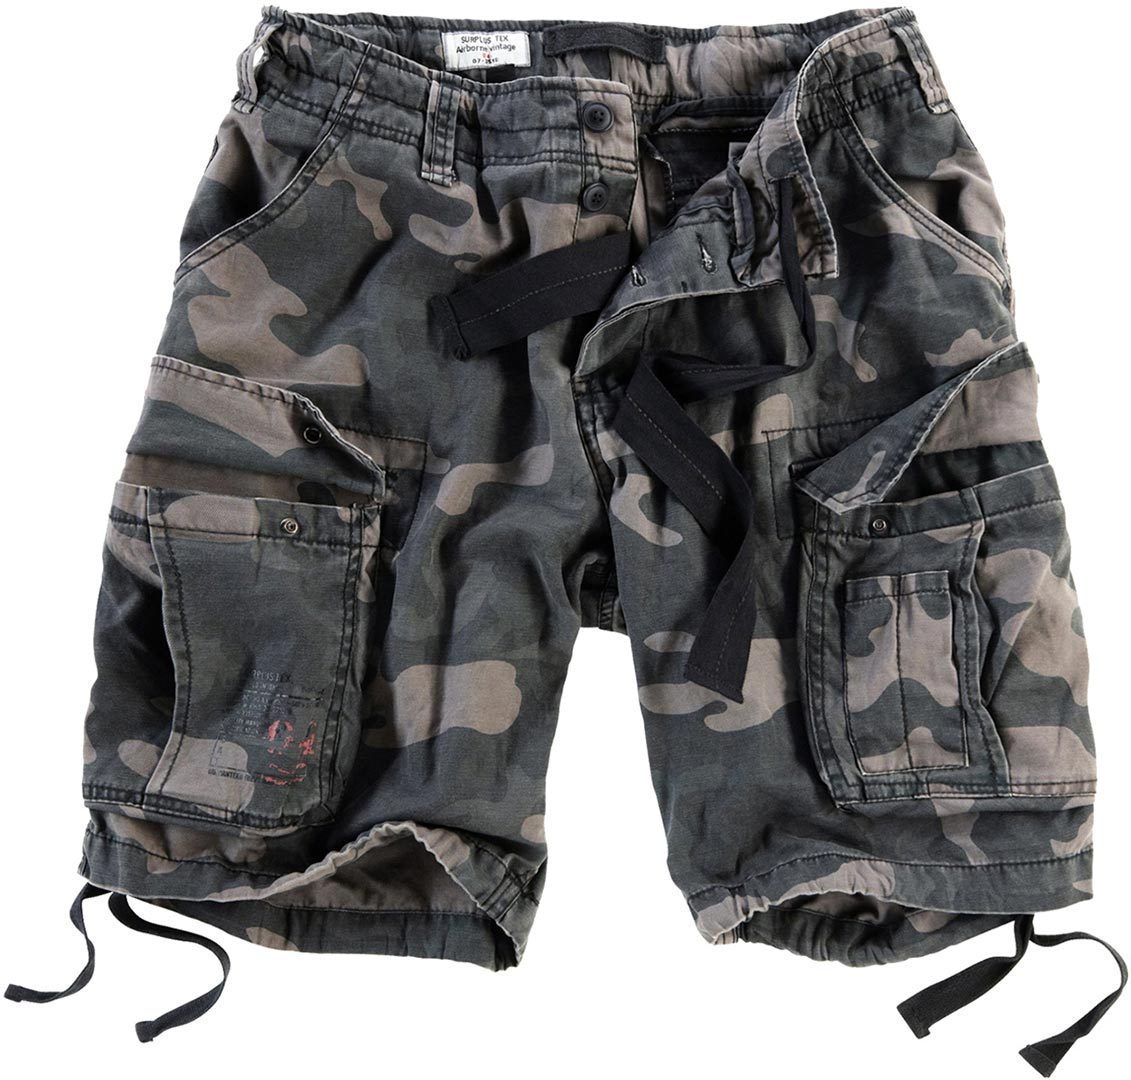 Surplus Airborne Vintage Shorts, schwarz, Größe 2XL, schwarz, Größe 2XL